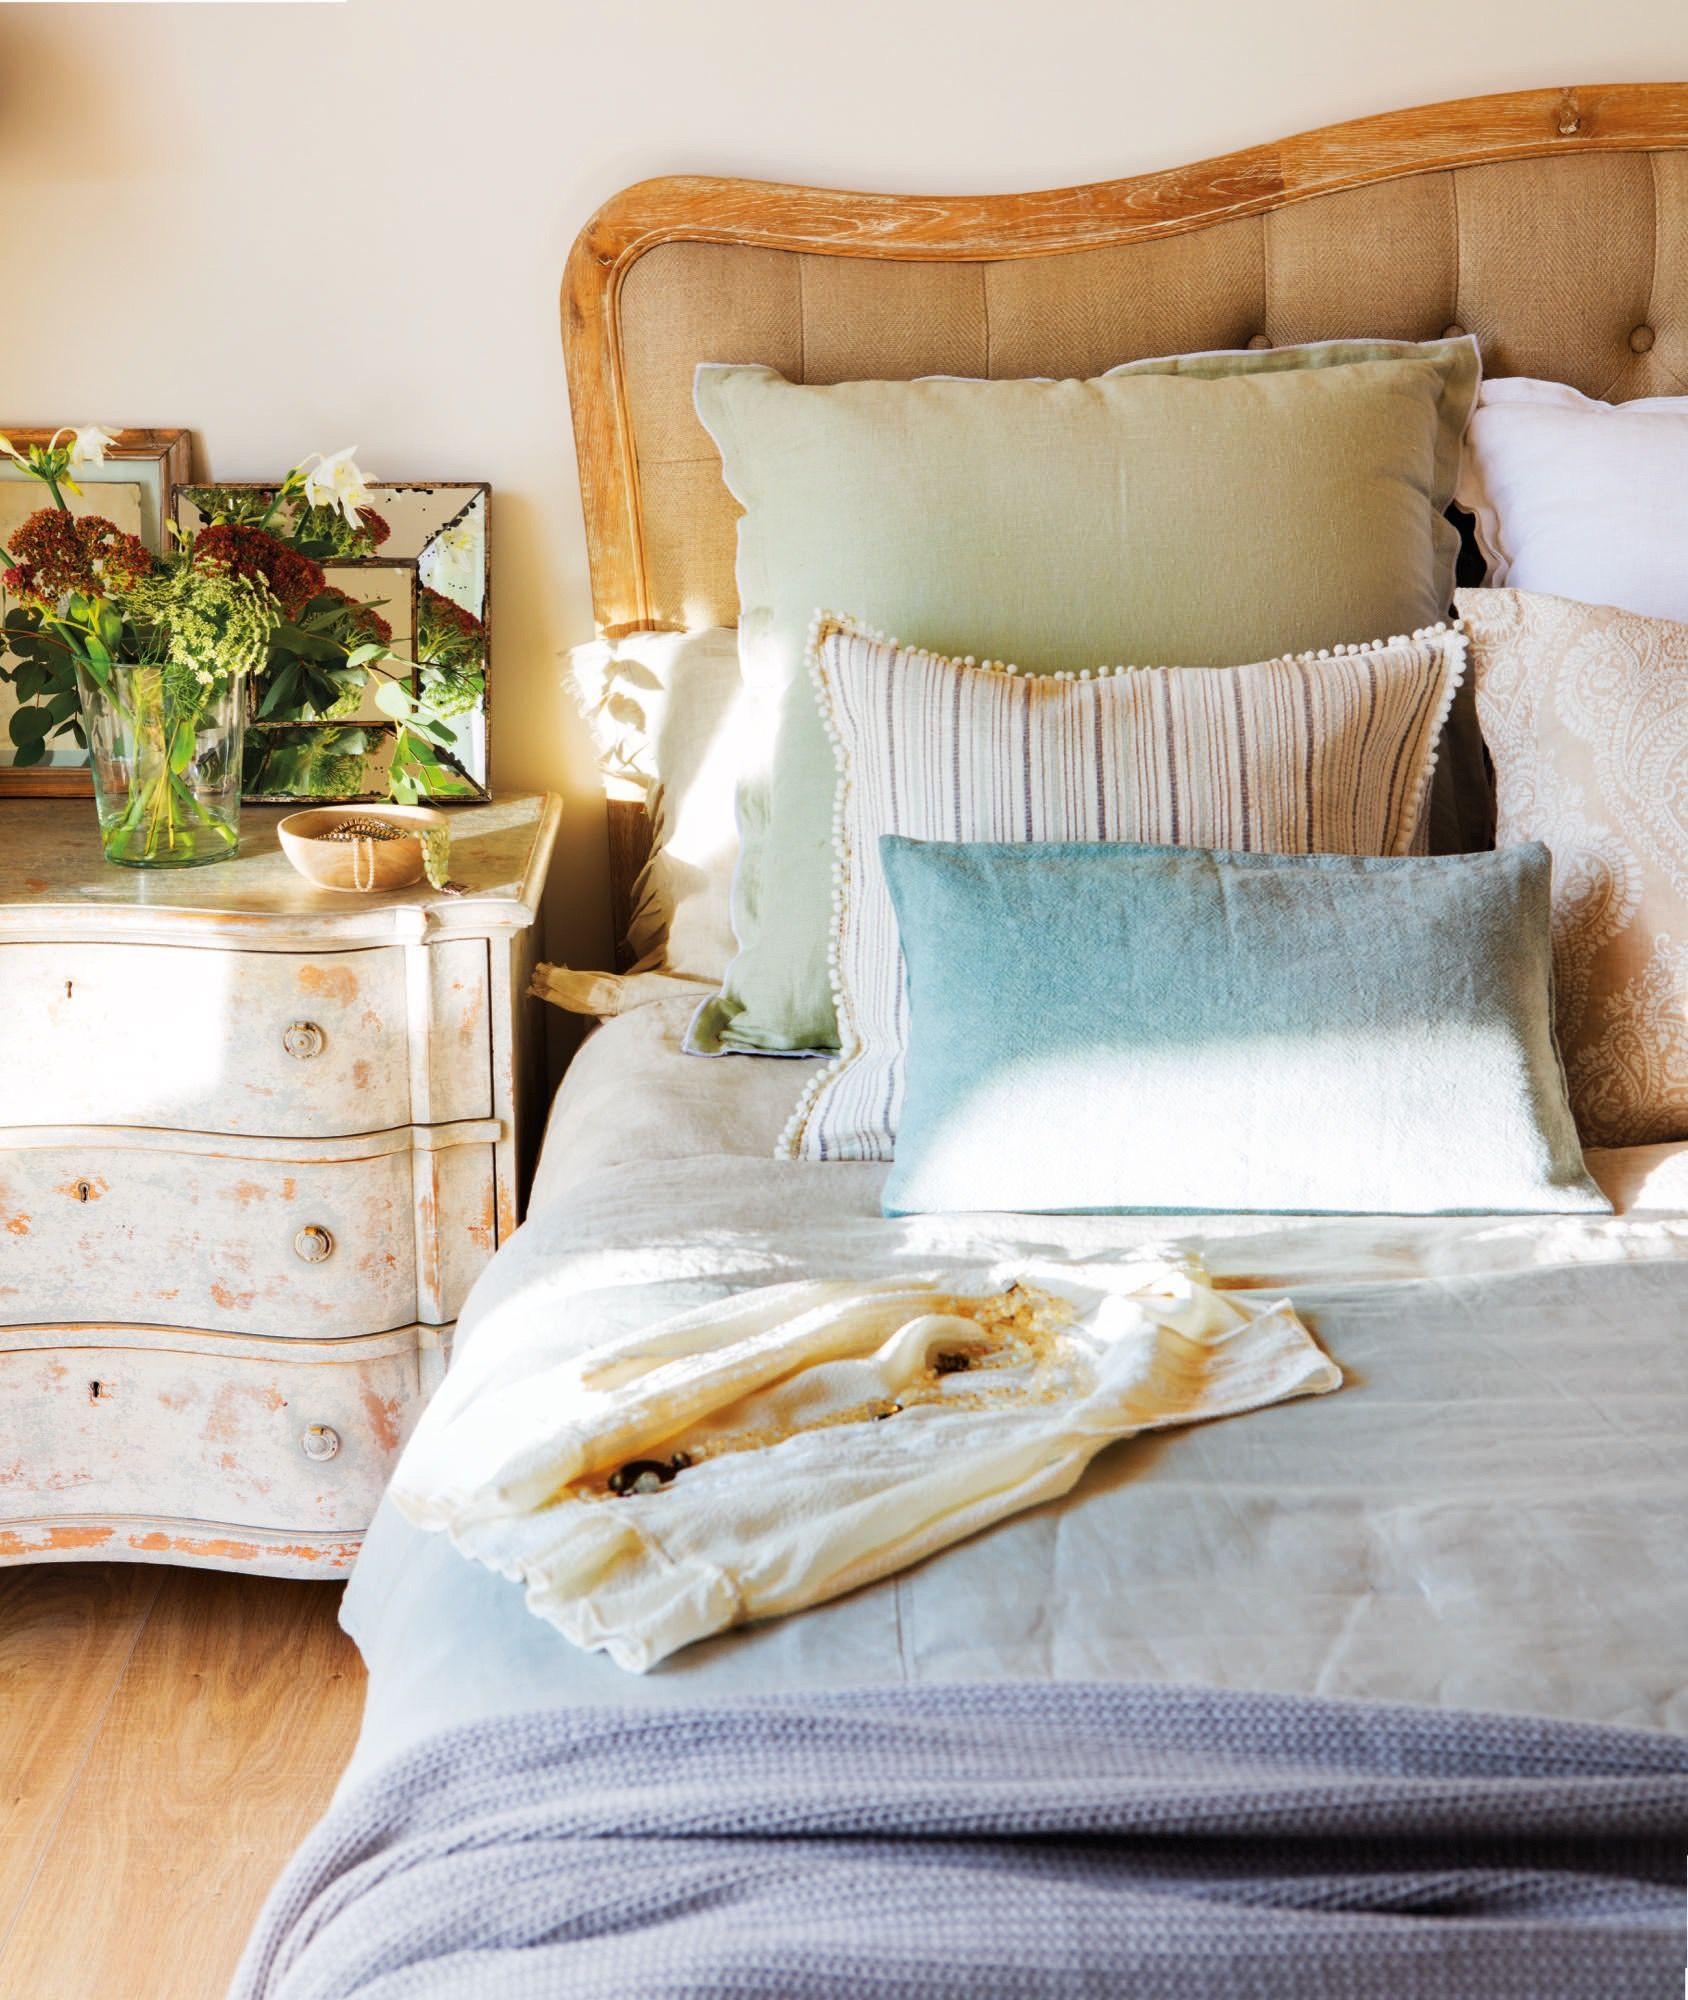 Cabecero cama y mesilla de estilo romantico en tonos - Camas estilo romantico ...